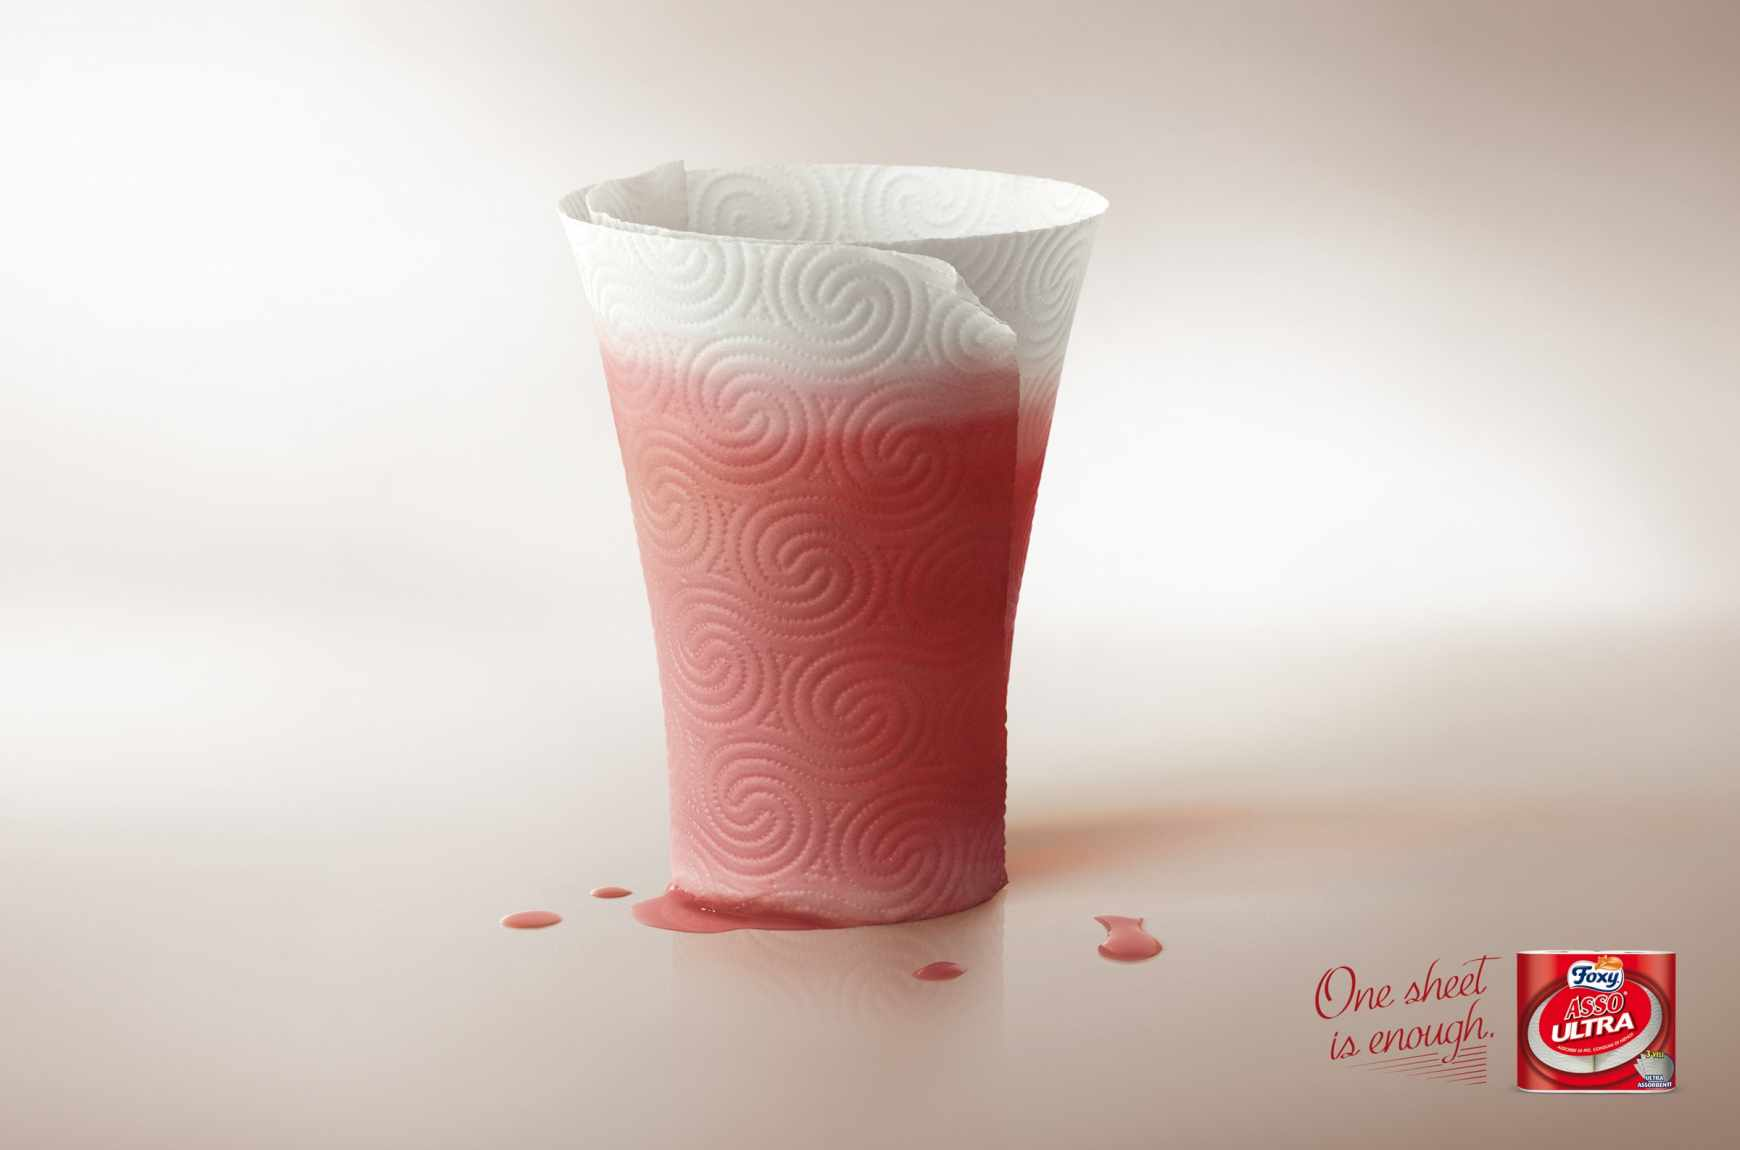 dans-ta-pub-publicité-créative-print-brillant-créatif-affiche-publicitaire-75-3